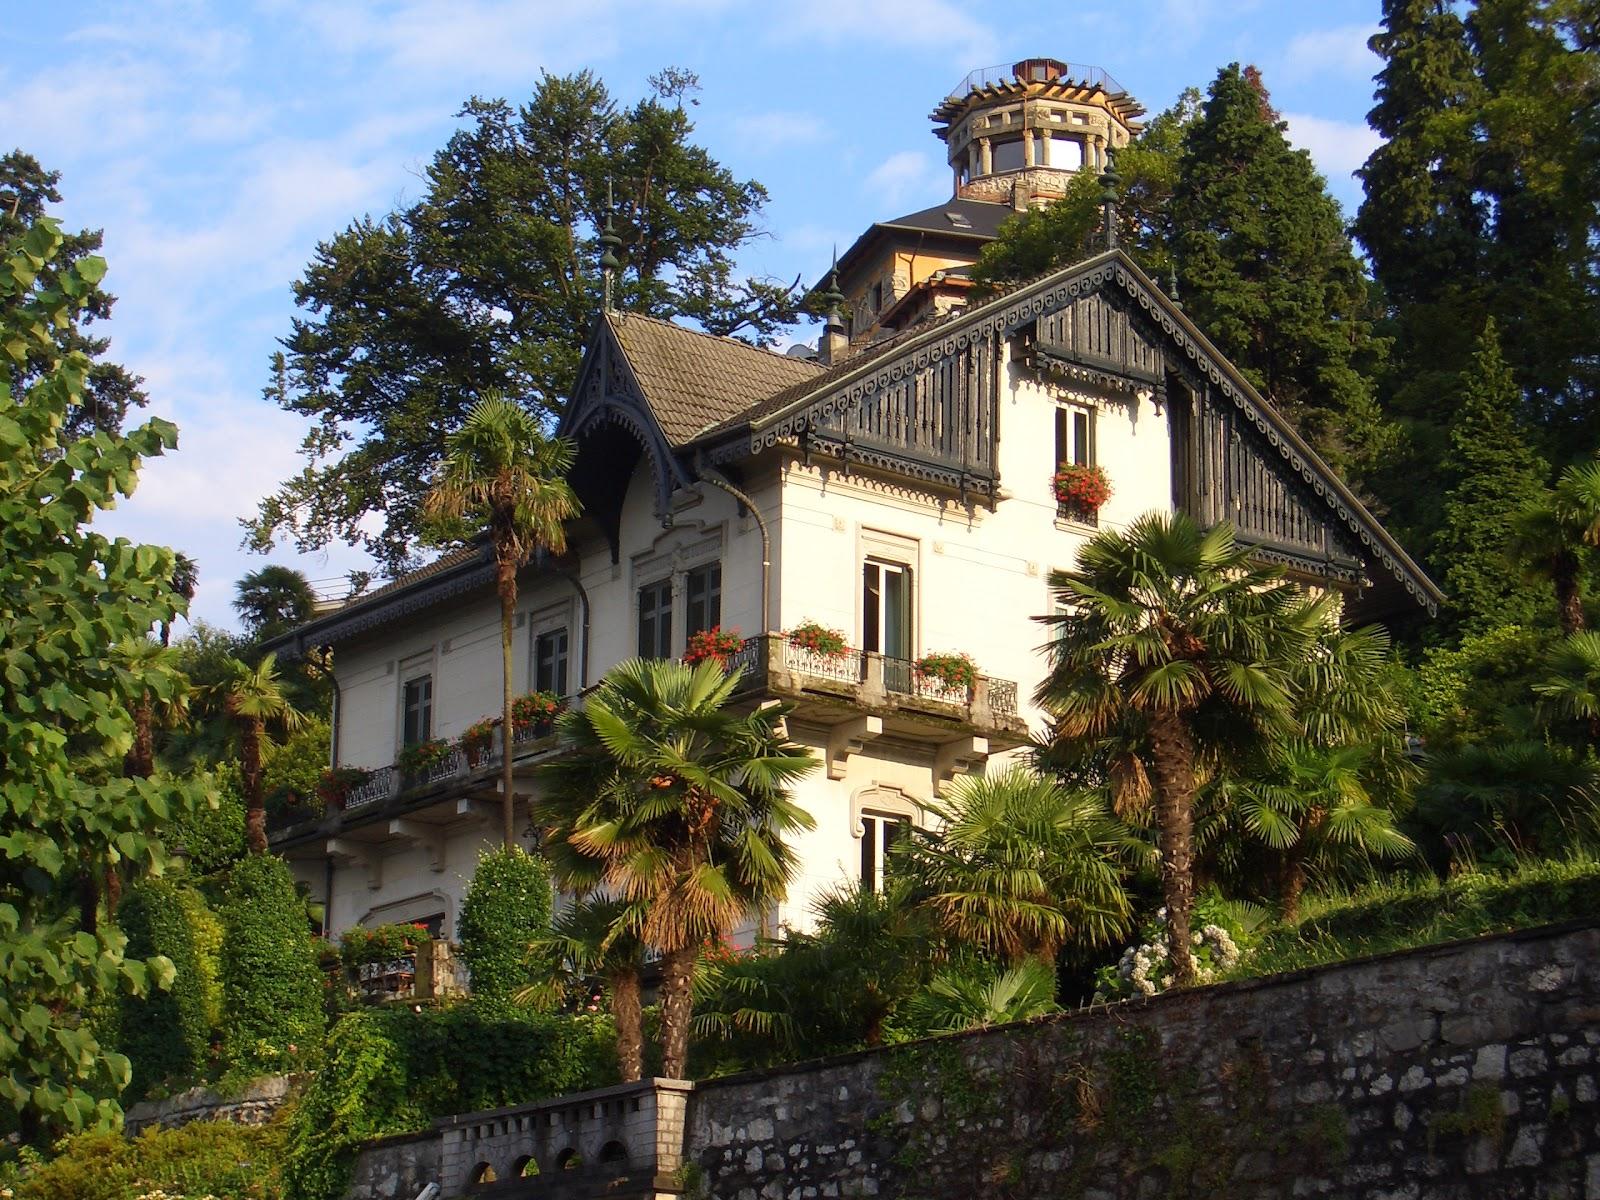 Lago maggiore la joya oculta de los alpes my week with you for 5 principales villas ocultas